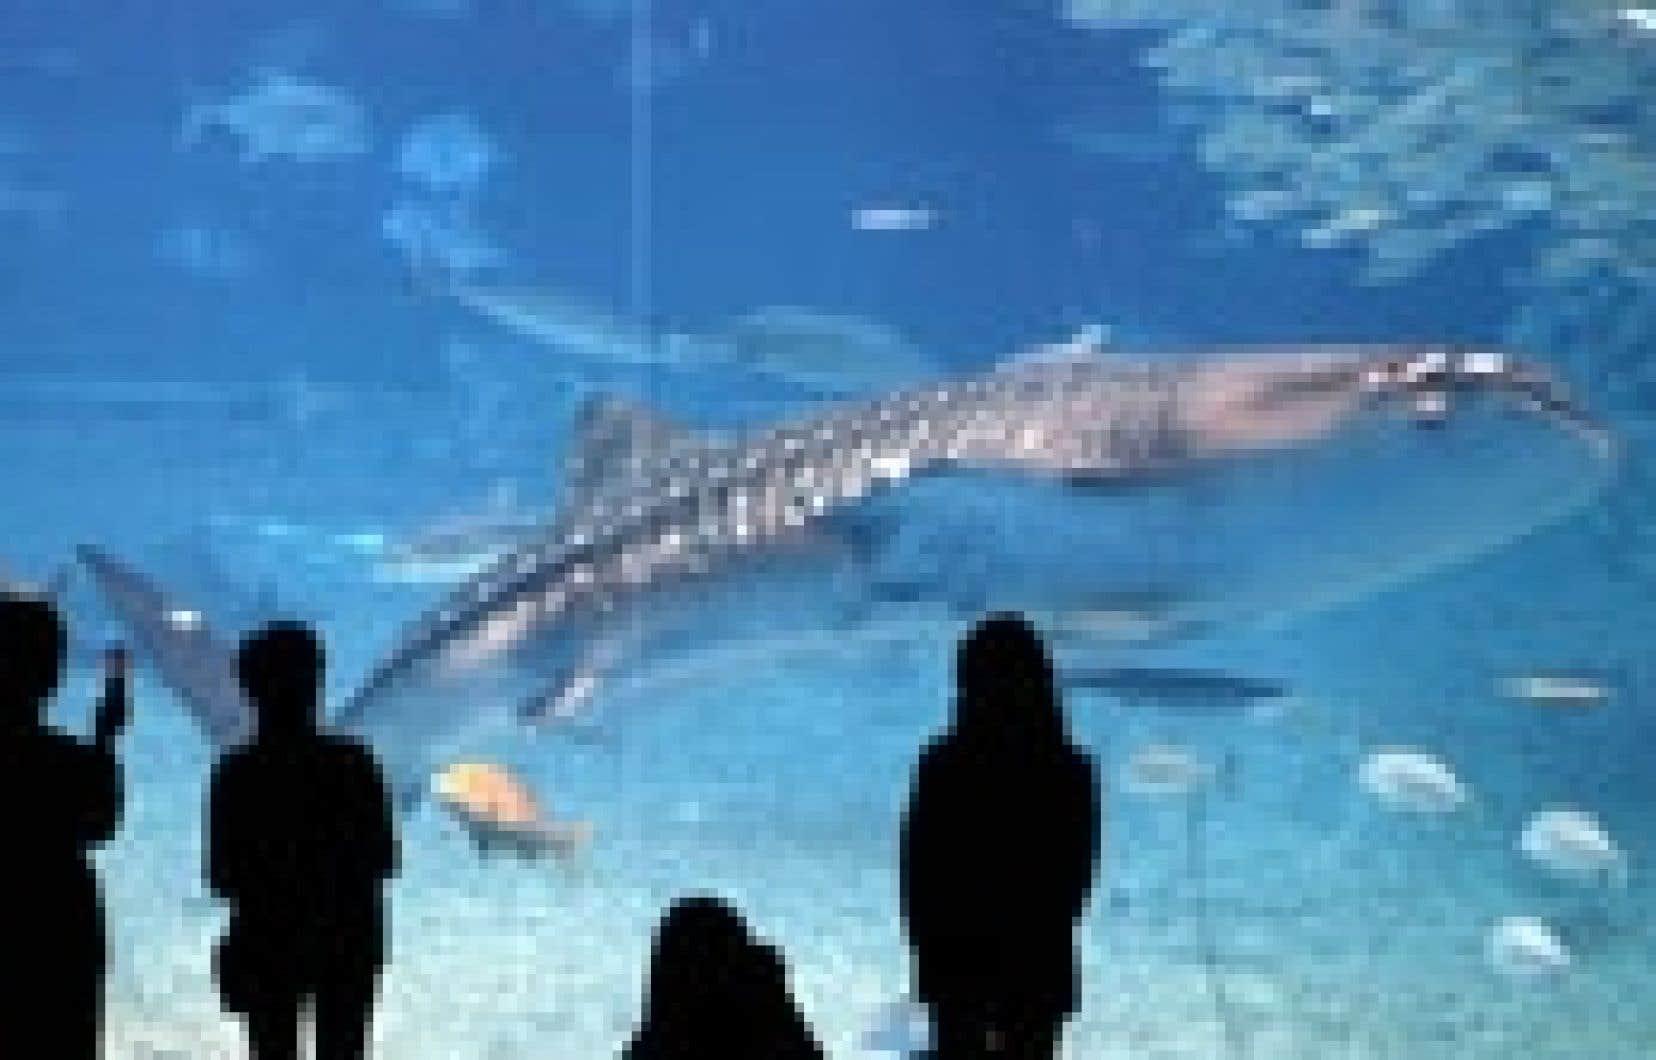 Les visiteurs de l'aquarium d'Okinawa, au Japon, observent un requin-baleine de sept mètres de long. Dans la nature, la survie de ce poisson — le plus gros connu — est plus difficile: en une seule décennie, sa taille moyenne est passée de sept